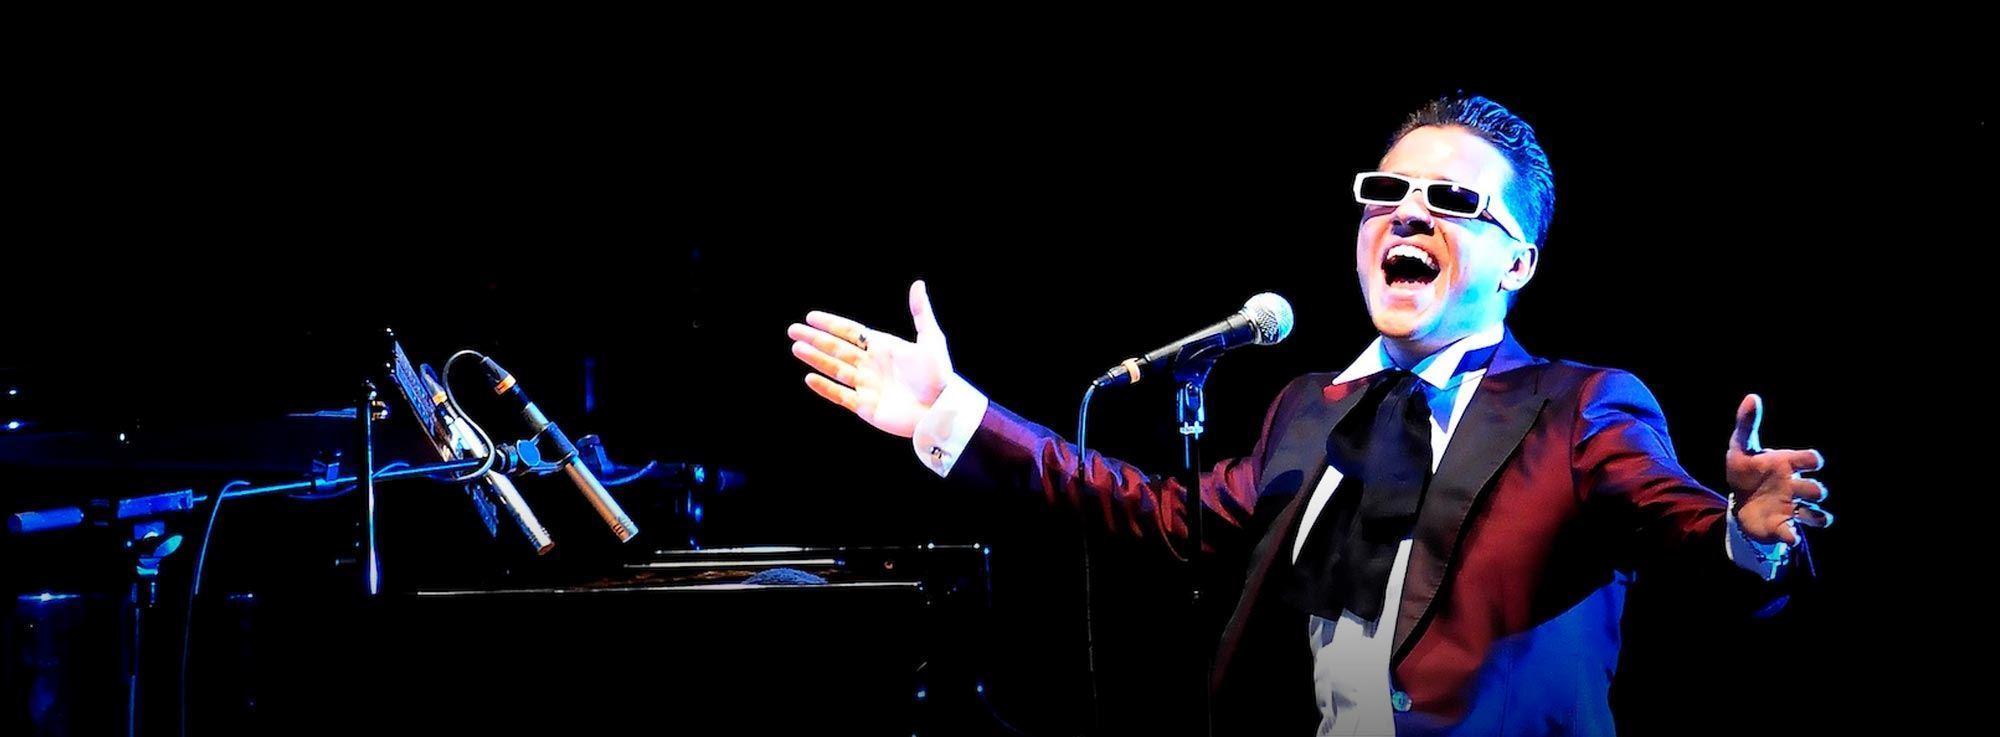 Ceglie Messapica: Matthew Lee in concerto